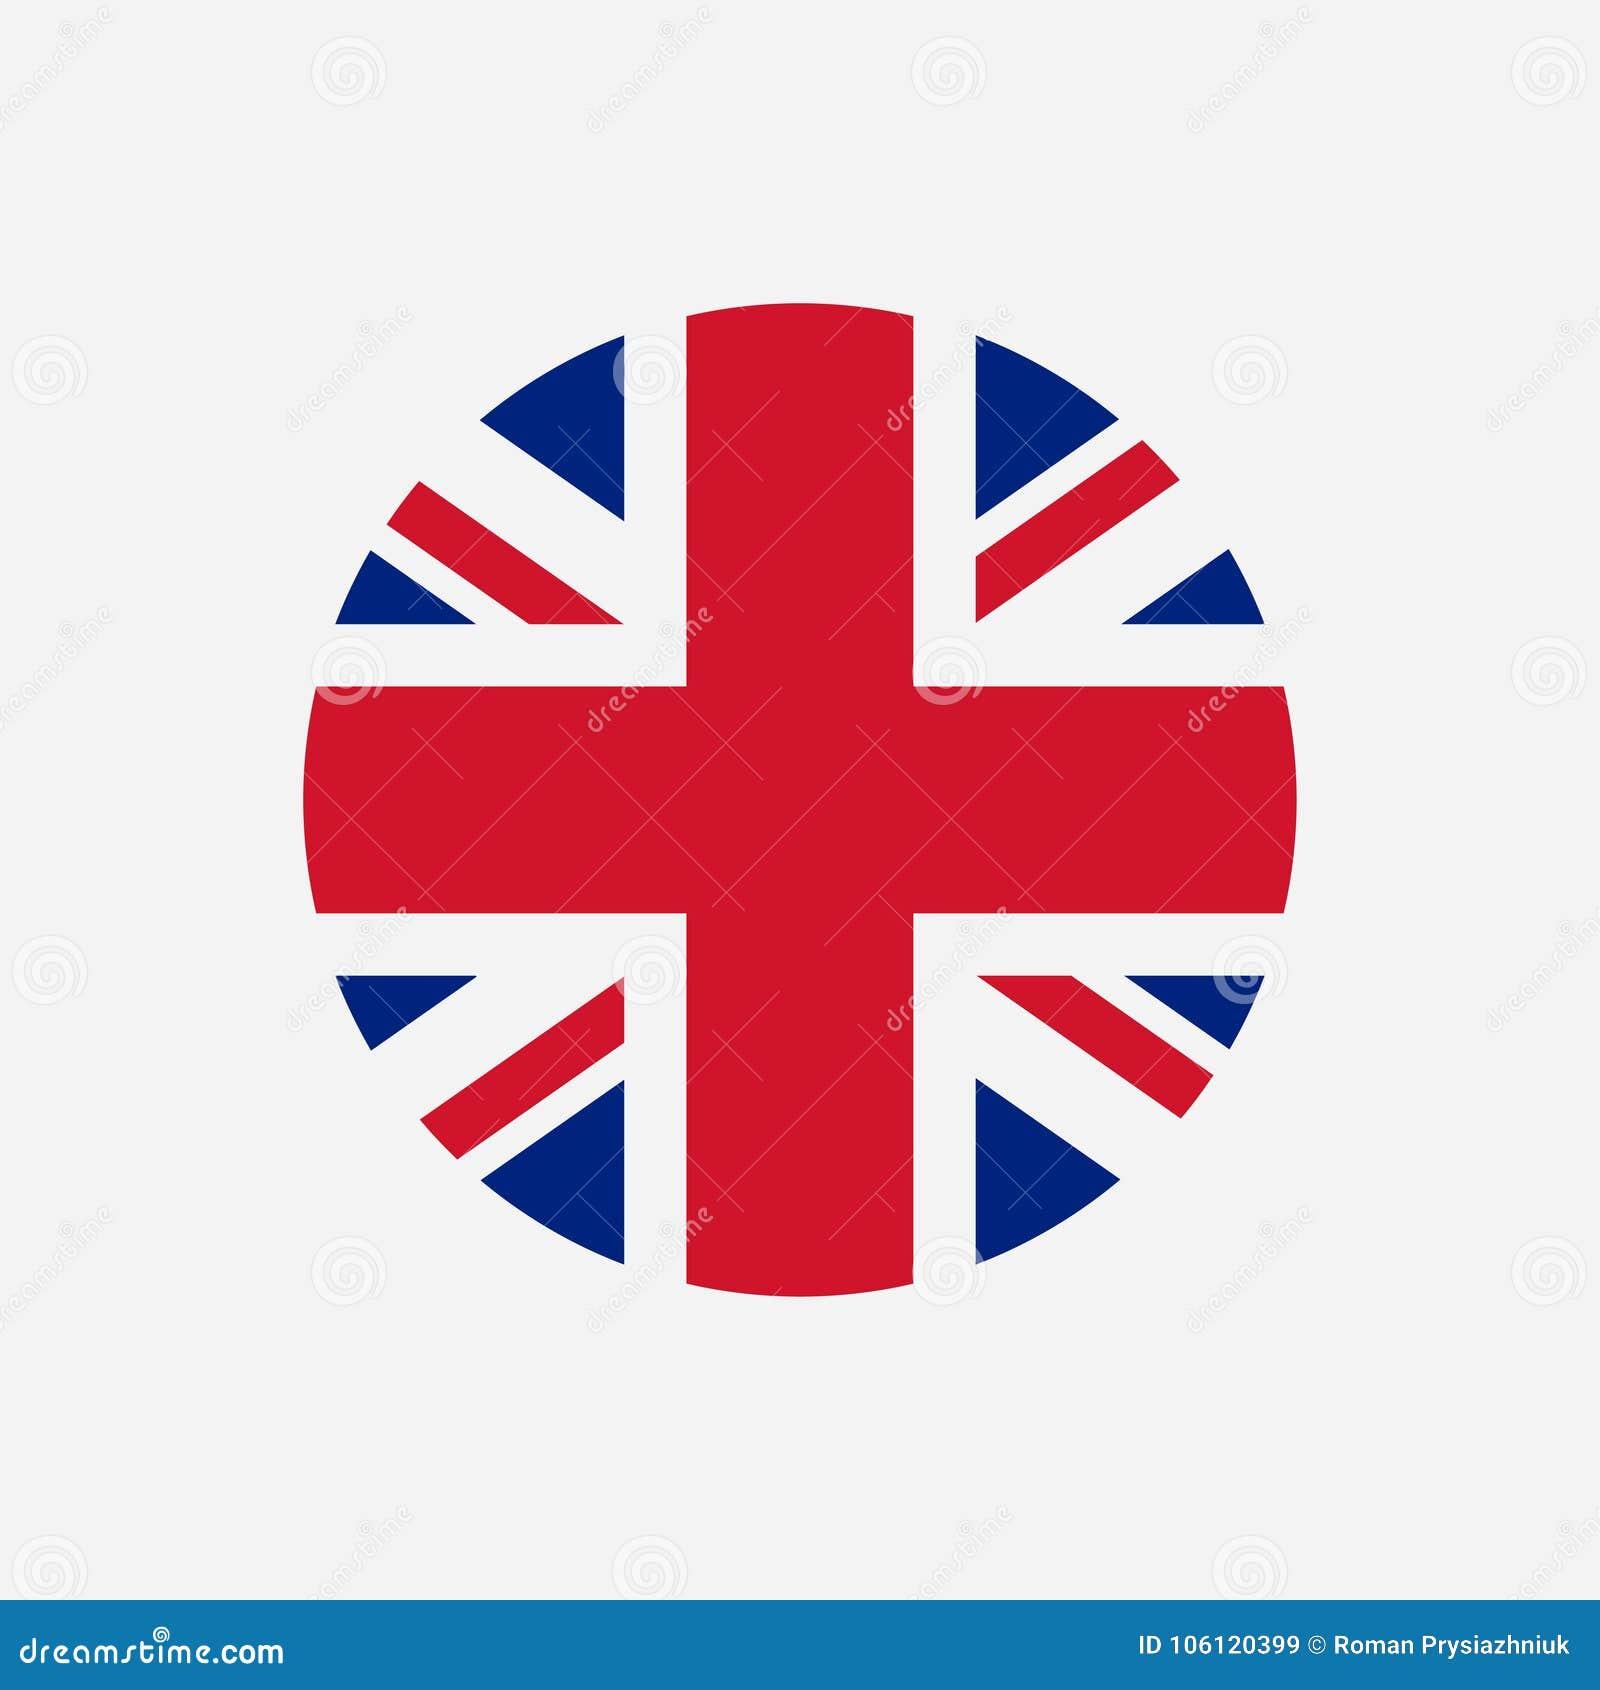 Bandera de Gran Bretaña Logotipo redondo de Union Jack Icono del círculo de la bandera de Reino Unido Vector